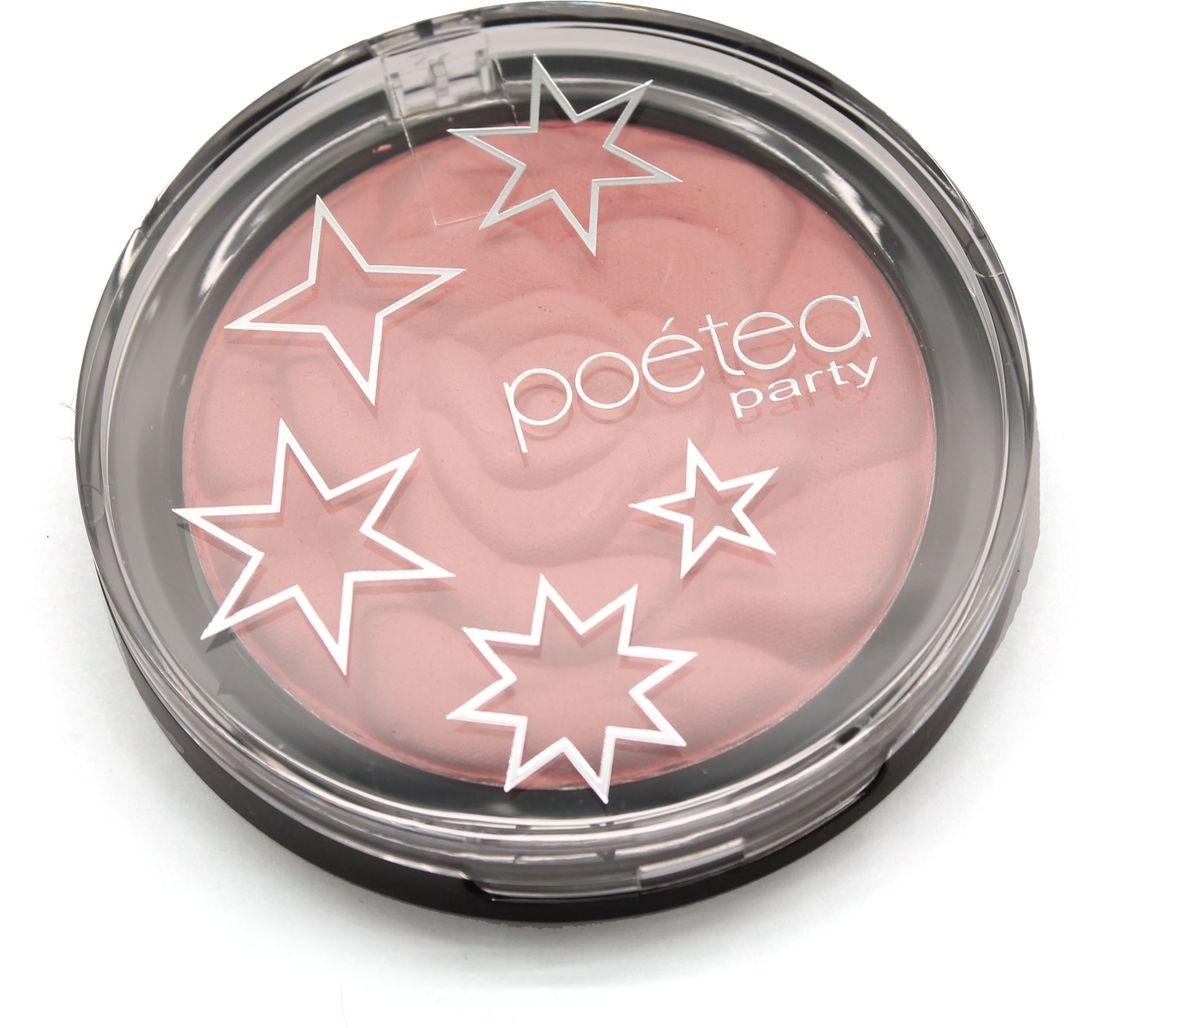 POETEA Румяна ROSE TAITI, тон 52, 19 г7952Румяна выполнены в виде прекрасного розового цветка. Их натуральные оттенки свежи и естественны, а тестура нежна, как легкие лепестки. Благодаря скользящим полимерам они идеально распределяются на коже, наполняя еесветом и яркостью. В состав румян входят ухаживающие компоненты: масло ореха микадамия, масло розы, высоко очищенный ланолин.